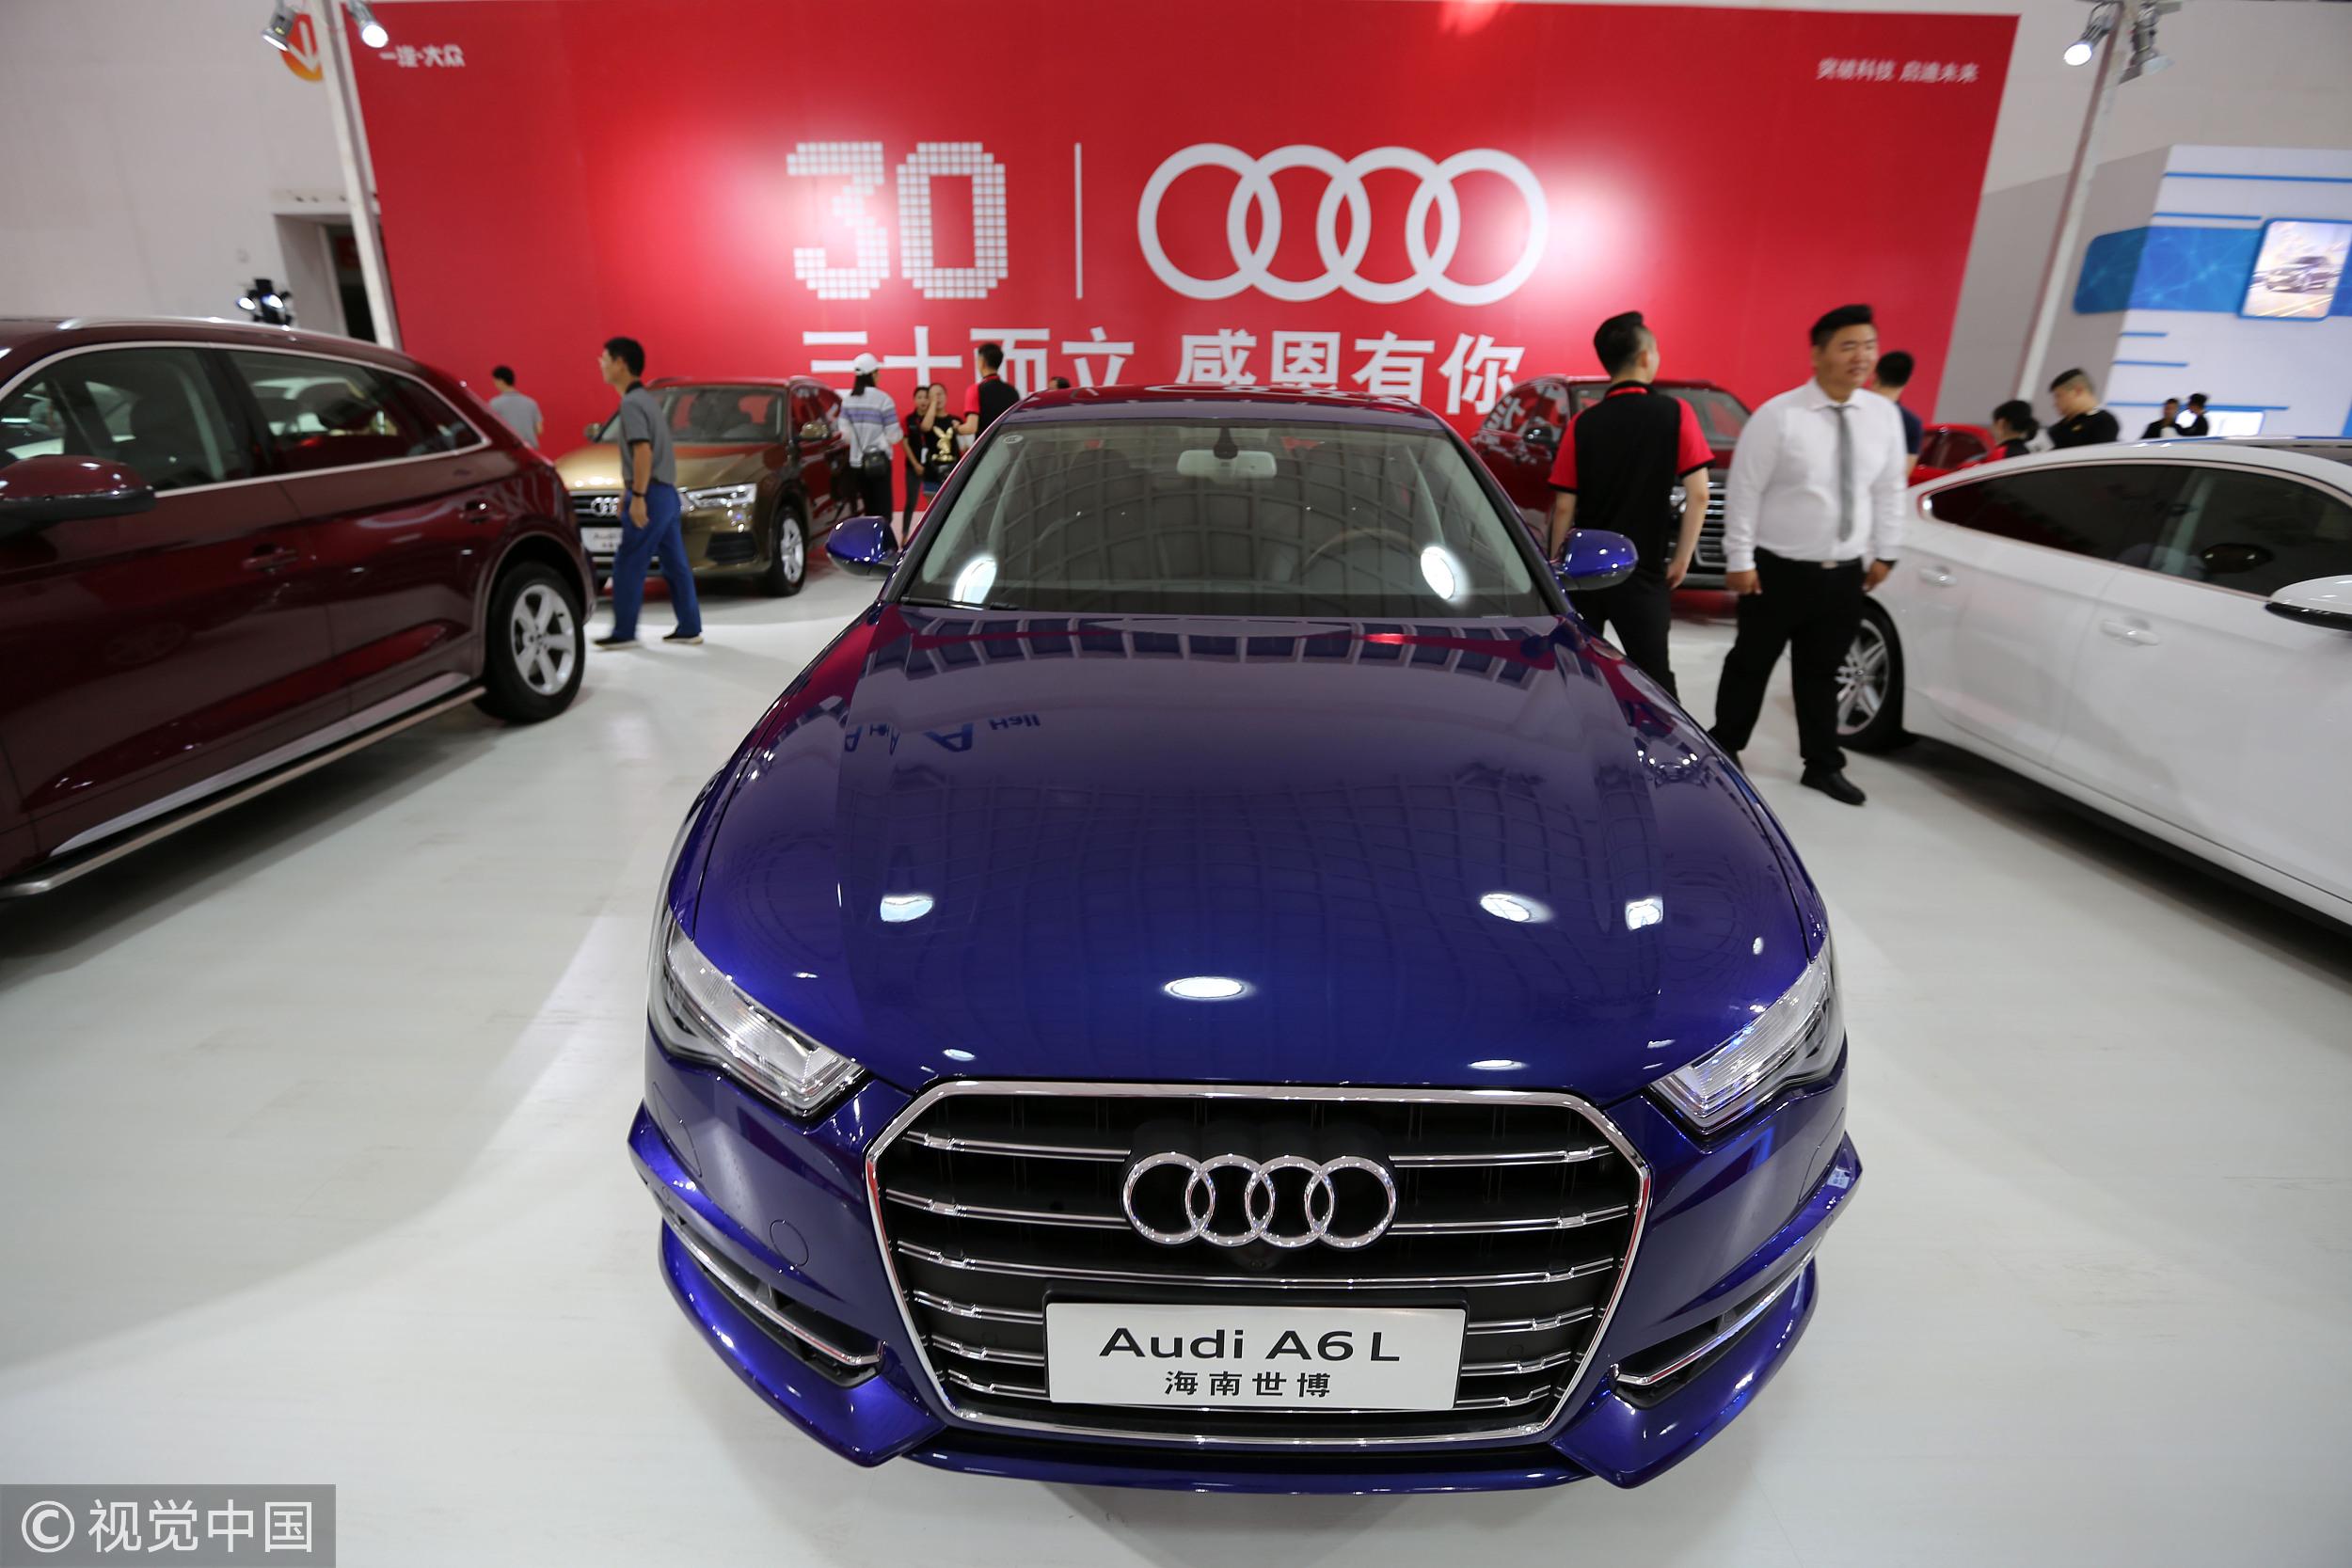 豪华汽车品牌排名生变8月奥迪重夺冠军